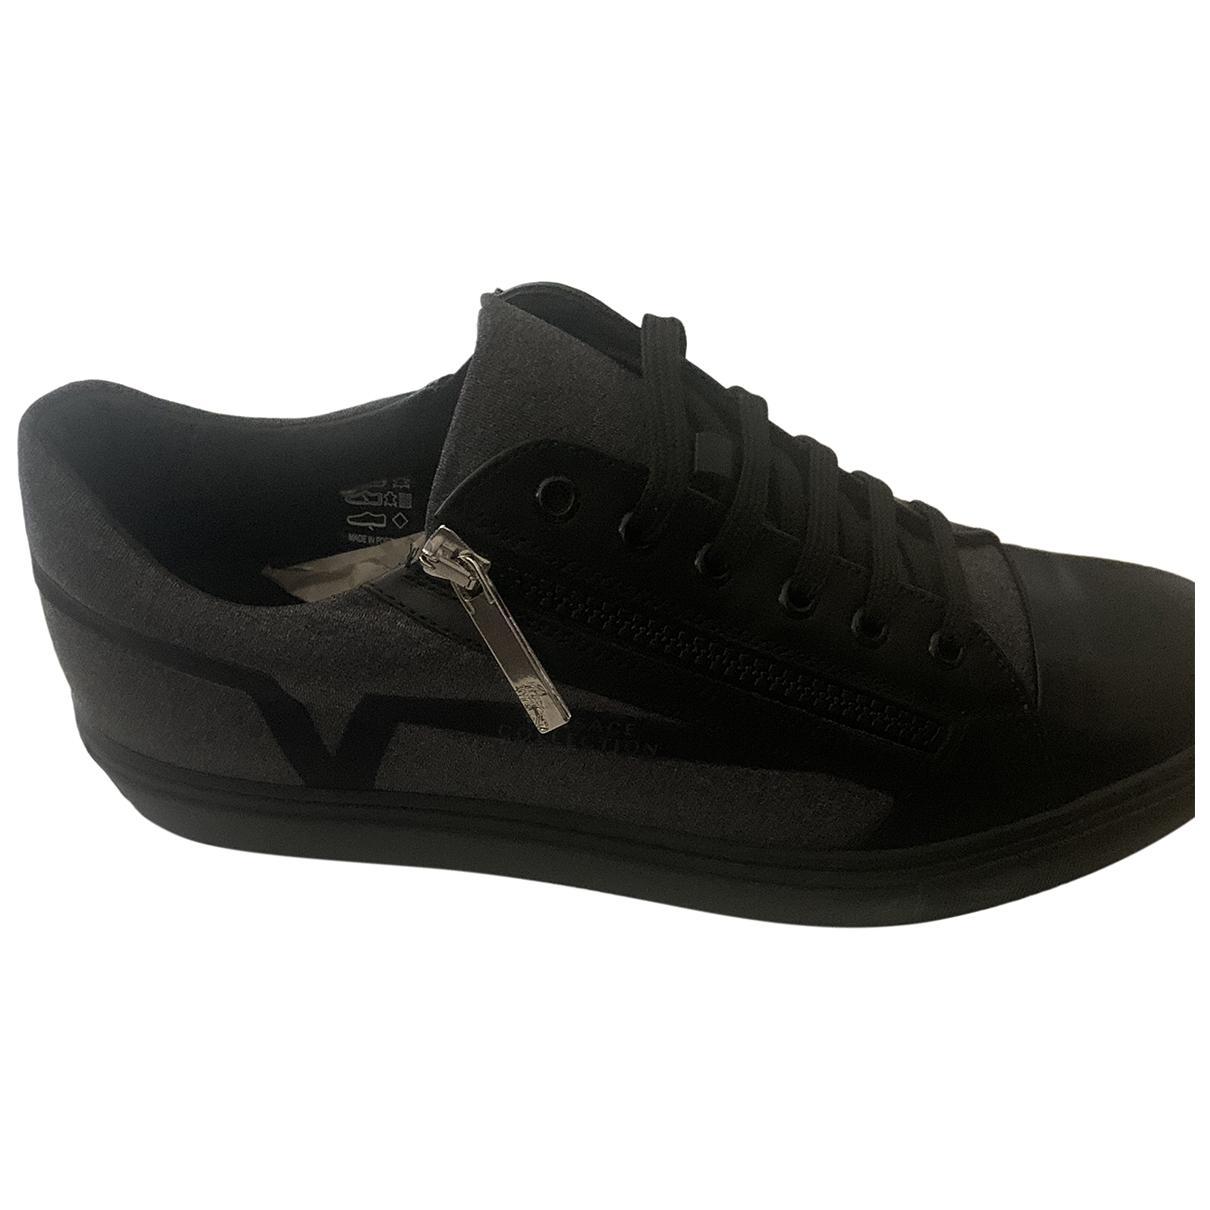 Versace - Baskets   pour homme en toile - noir